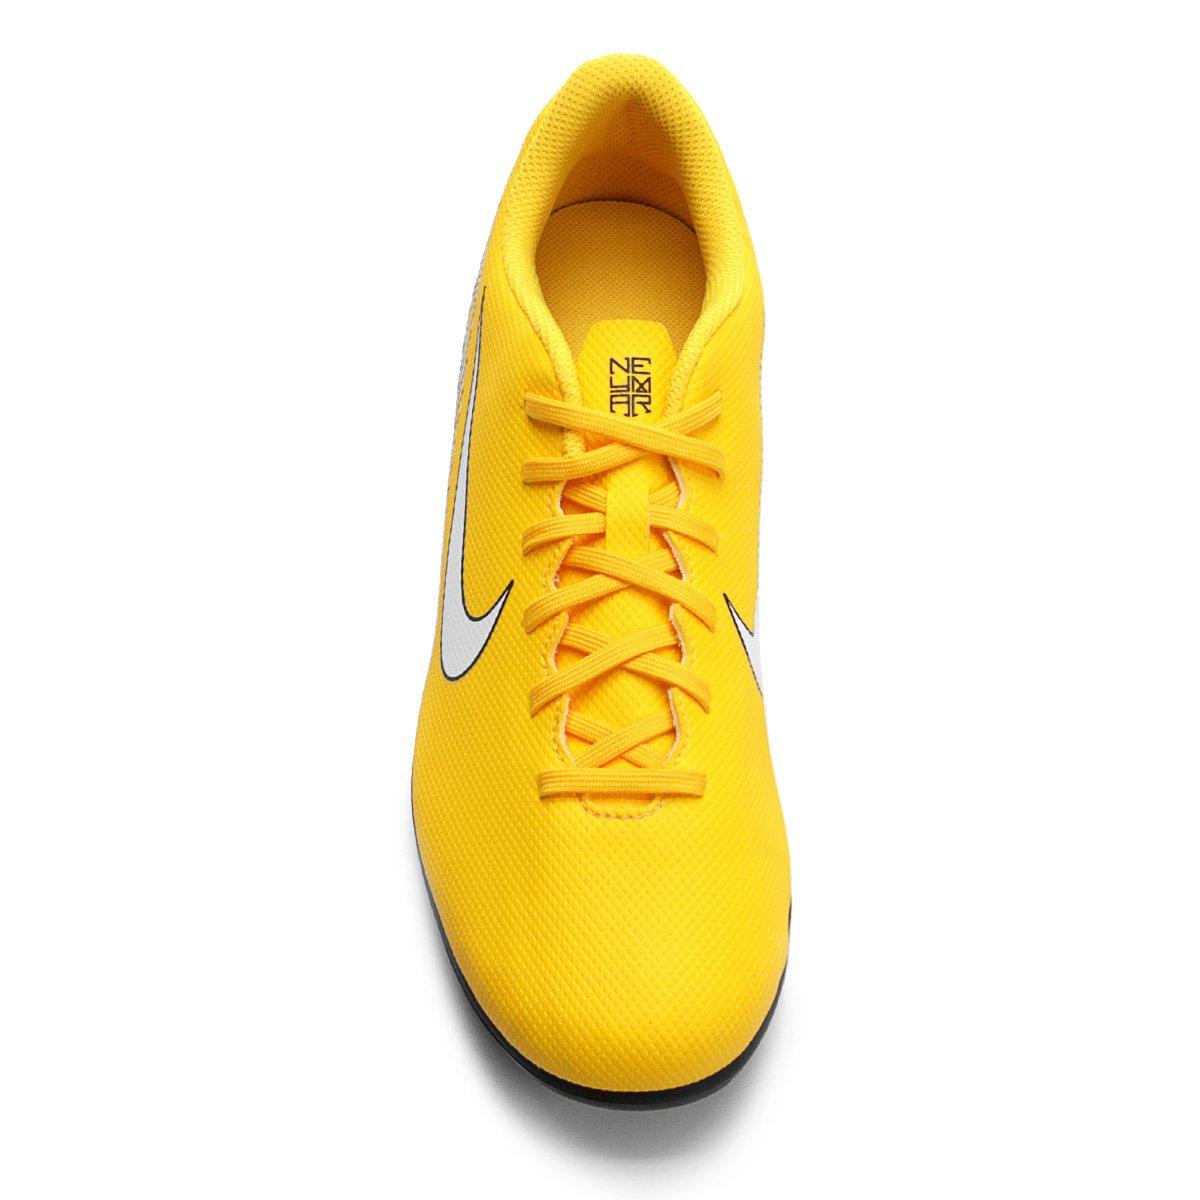 Chuteira Campo Nike Mercurial Vapor 12 Club Neymar FG - Amarelo e ... 78814de5548